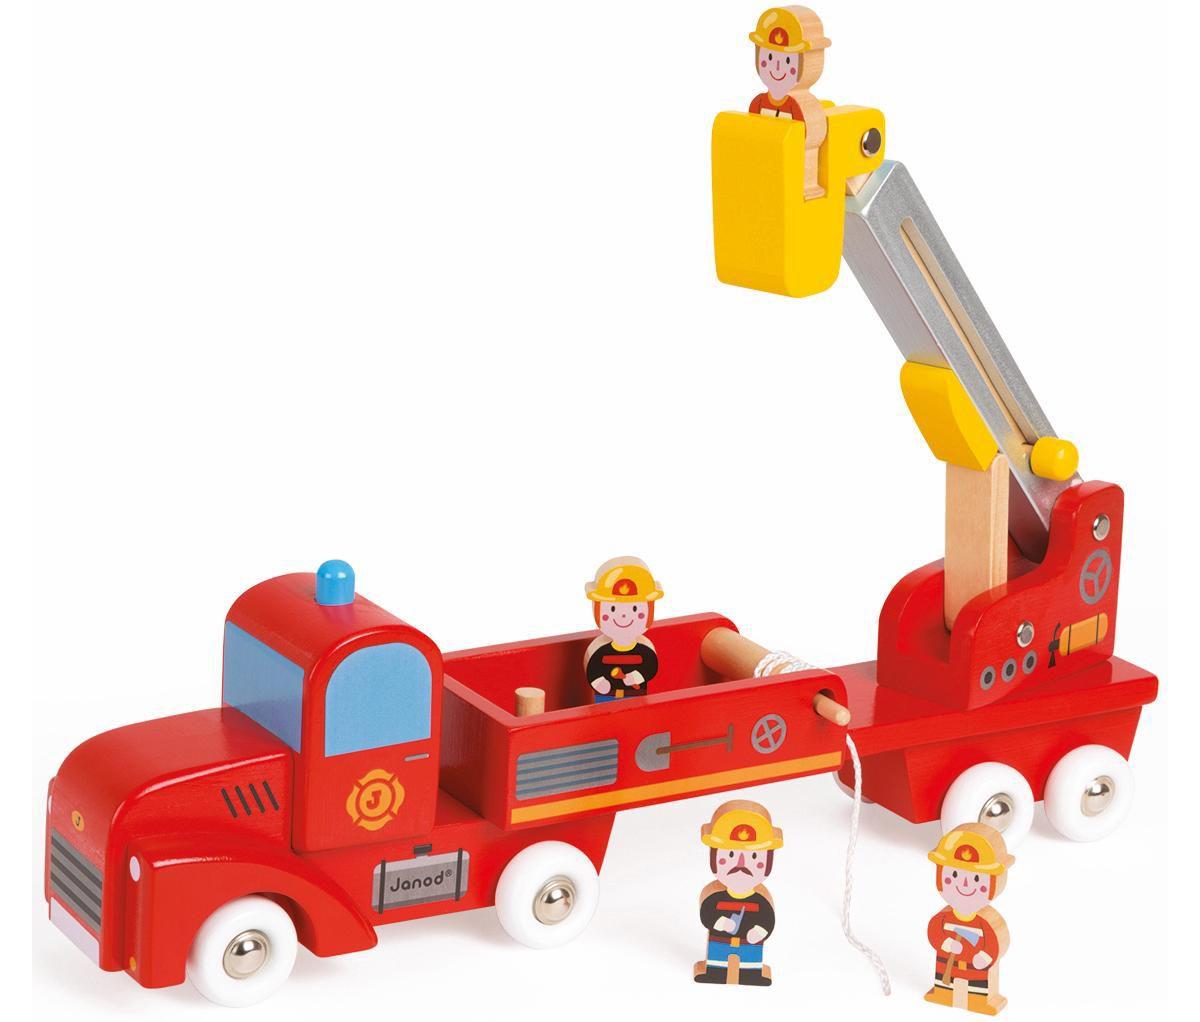 Janod Spielzeug Feuerwehrauto aus Holz, »Story Feuerwehrauto mit 4 Holzfiguren«